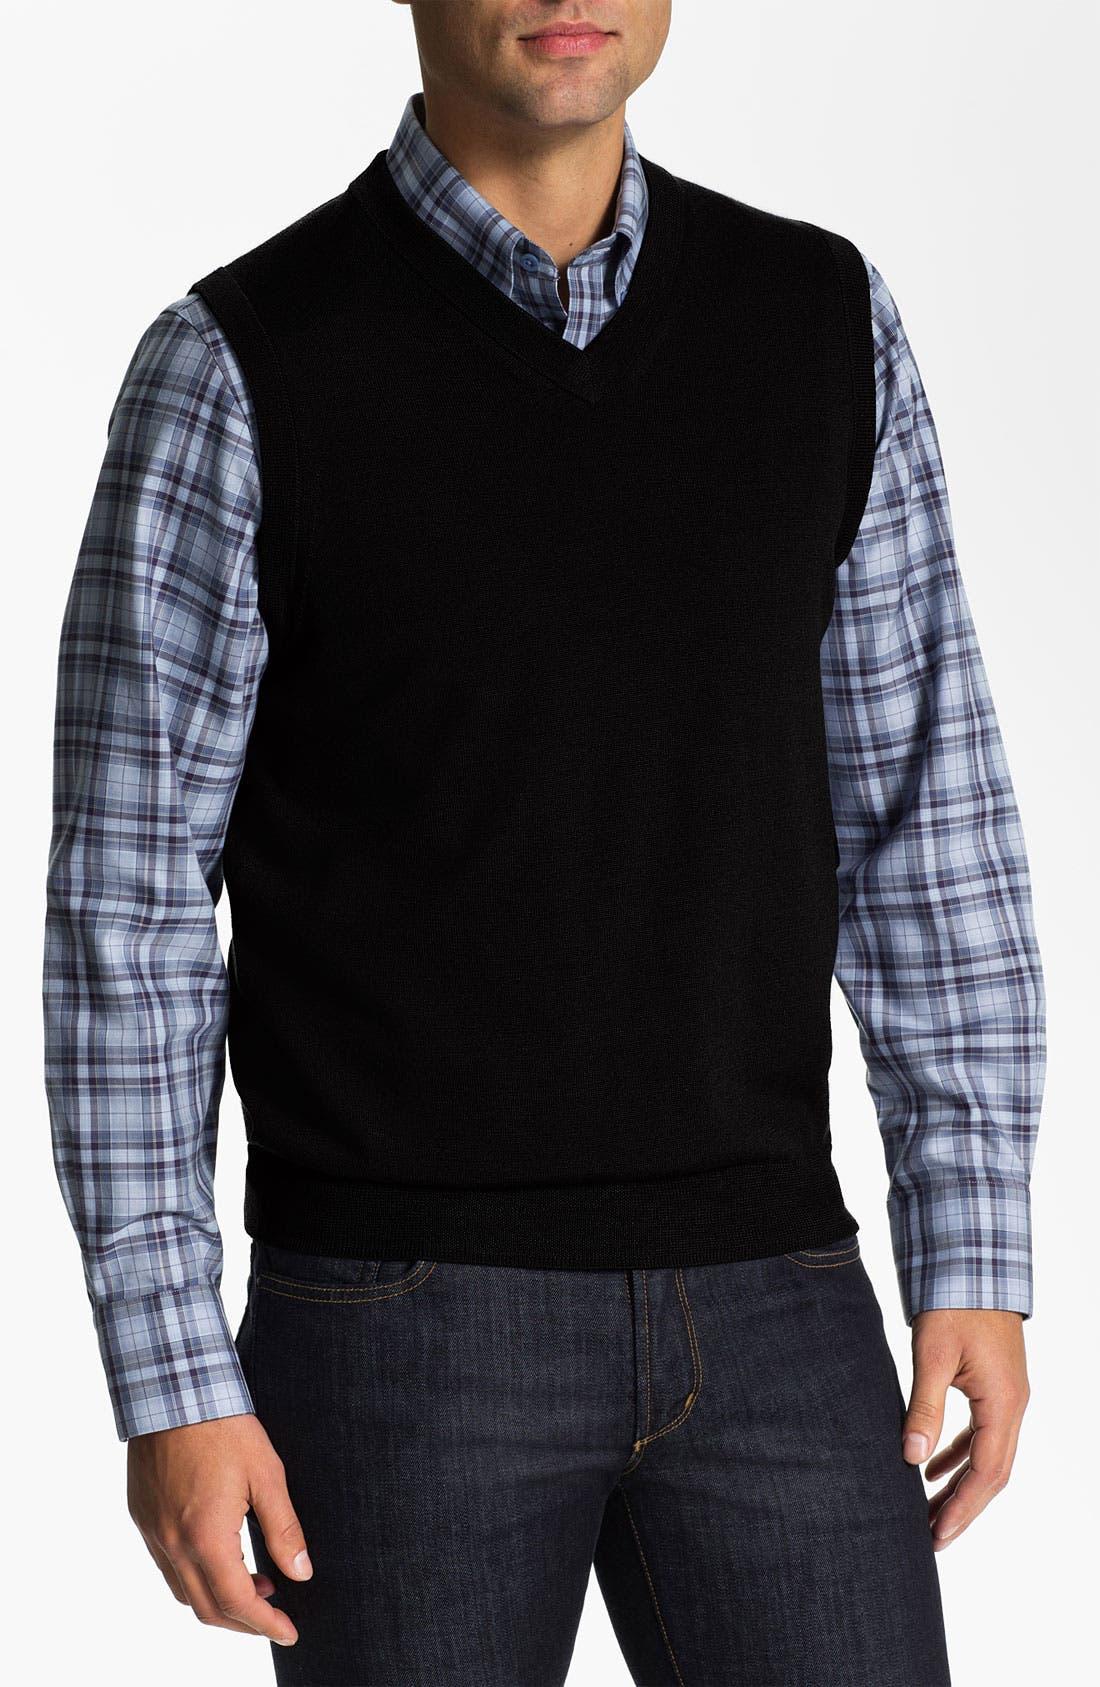 Alternate Image 1 Selected - Nordstrom V-Neck Merino Wool Sweater Vest